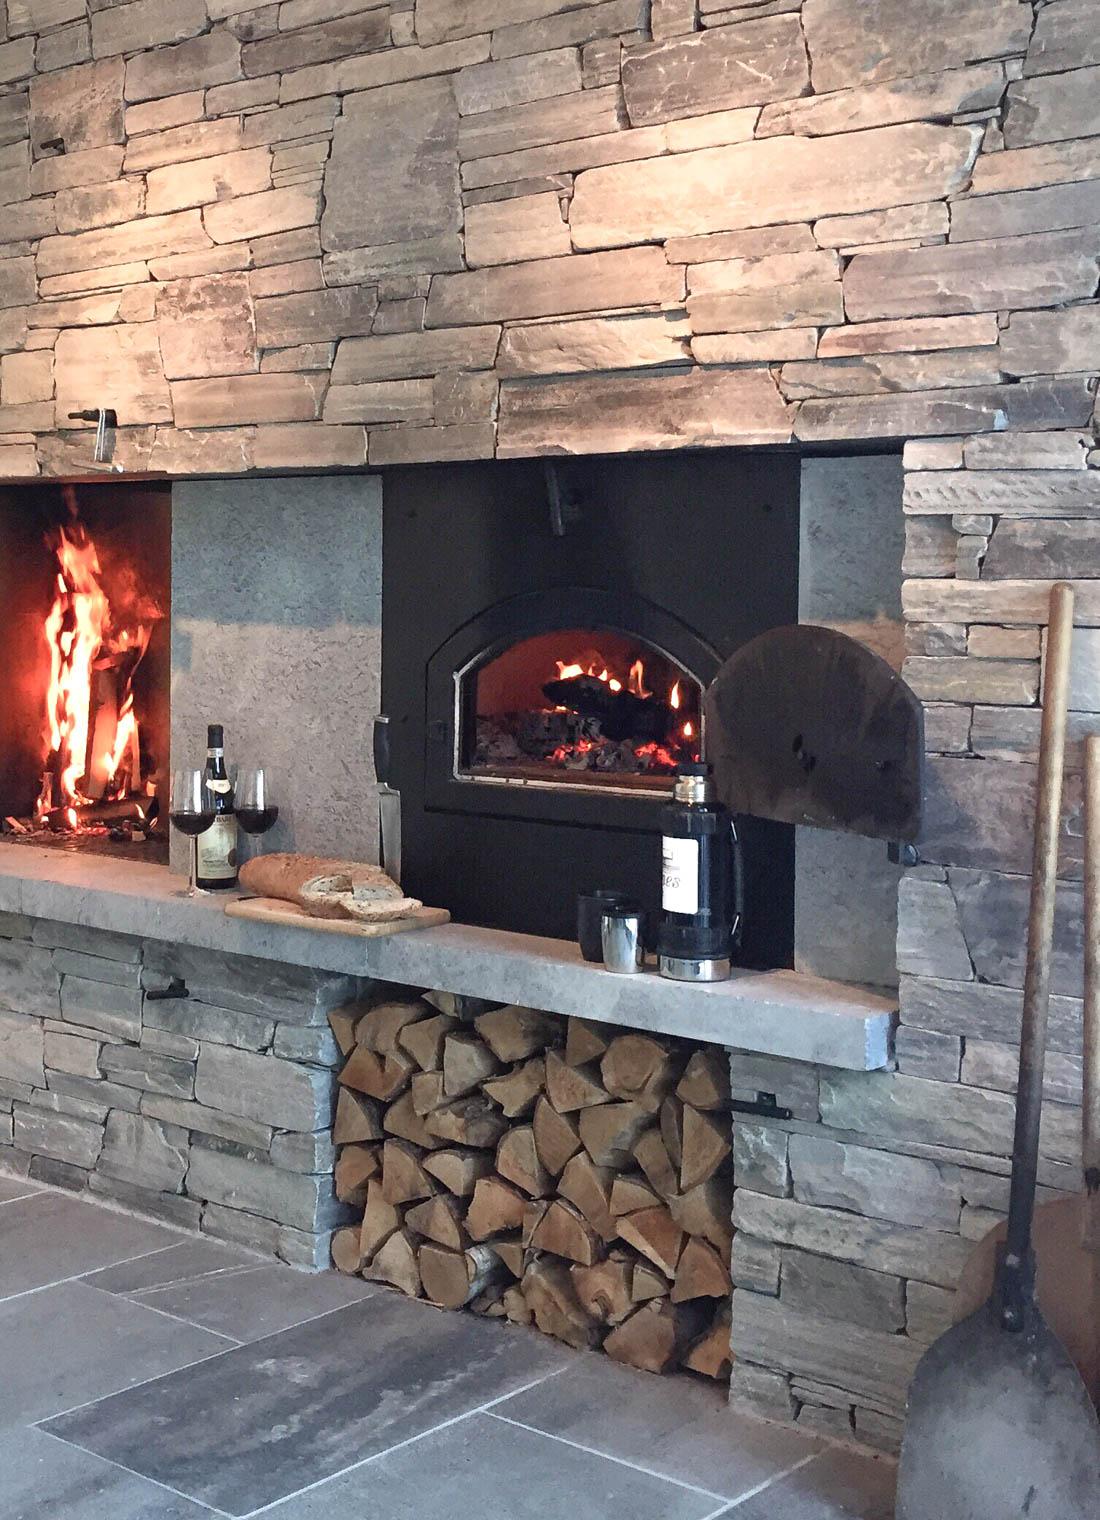 En pizzaovn og peis murt med lys Oppdalskifer tørrmur. Det brenner i både bakerovnen og peisen.